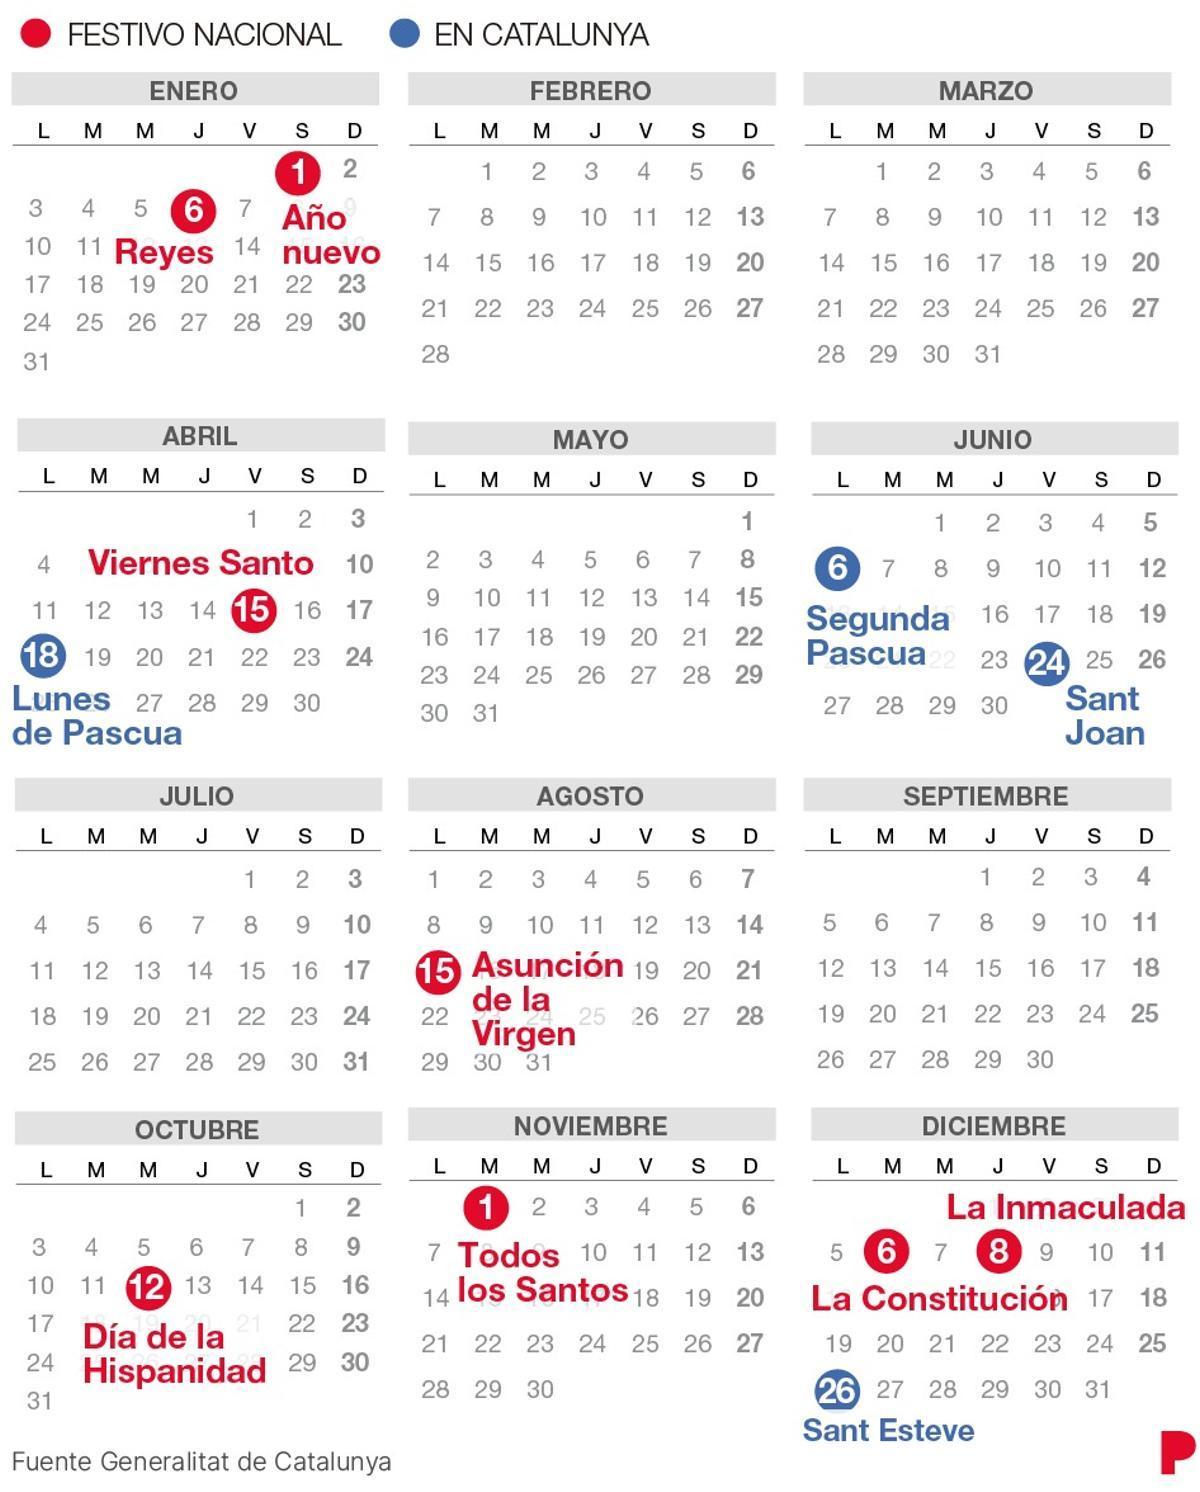 Calendario laboral de Catalunya de 2022 (con todos los festivos)